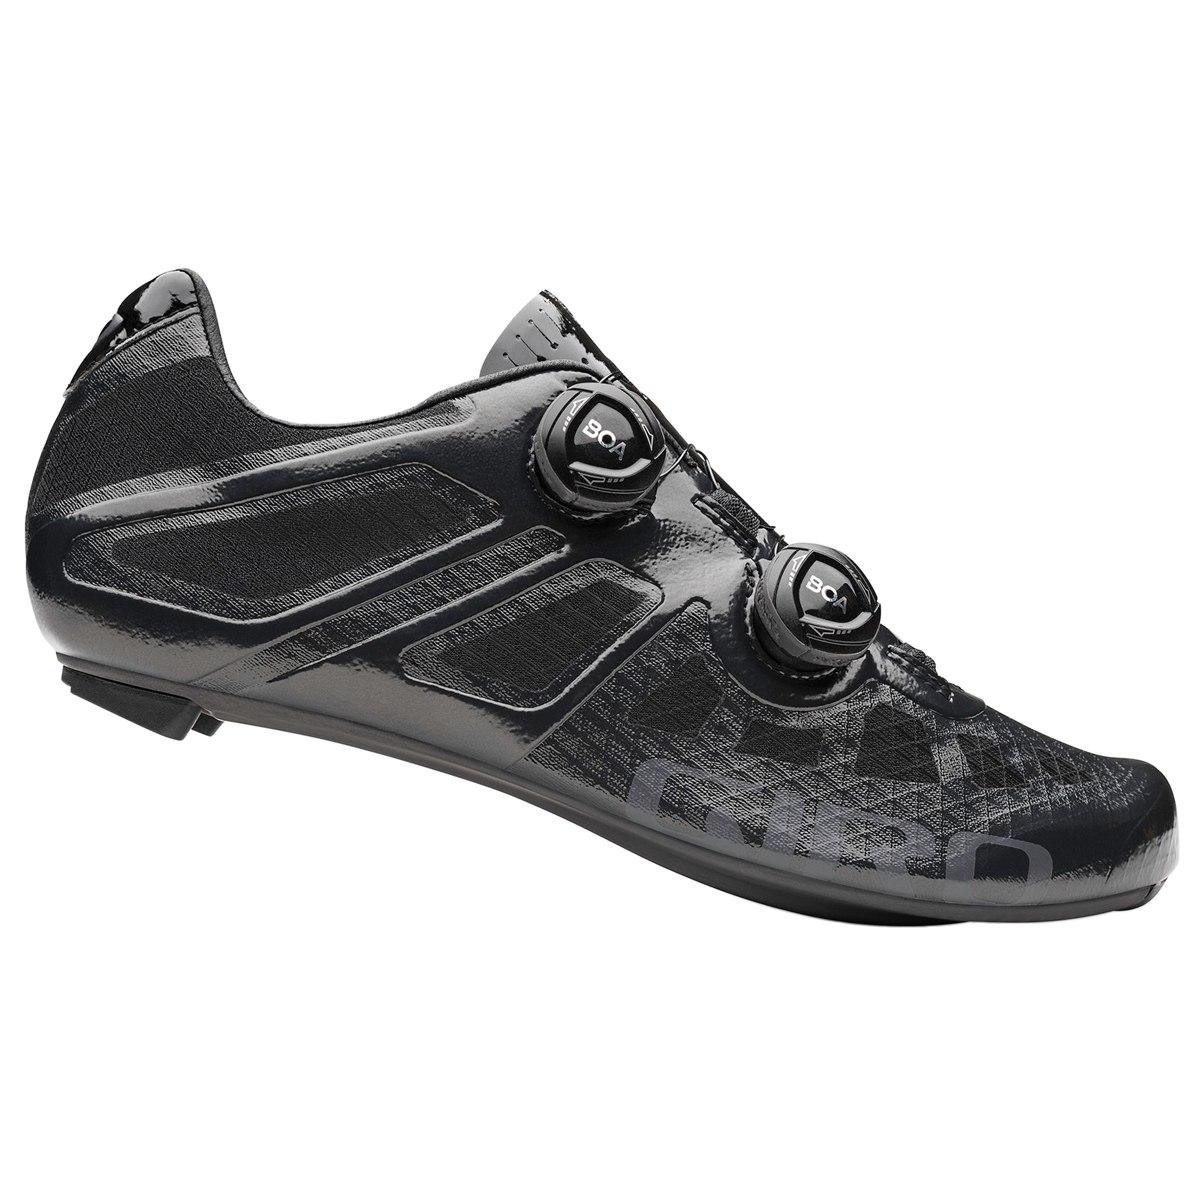 Bild von Giro Imperial Rennradschuh - black